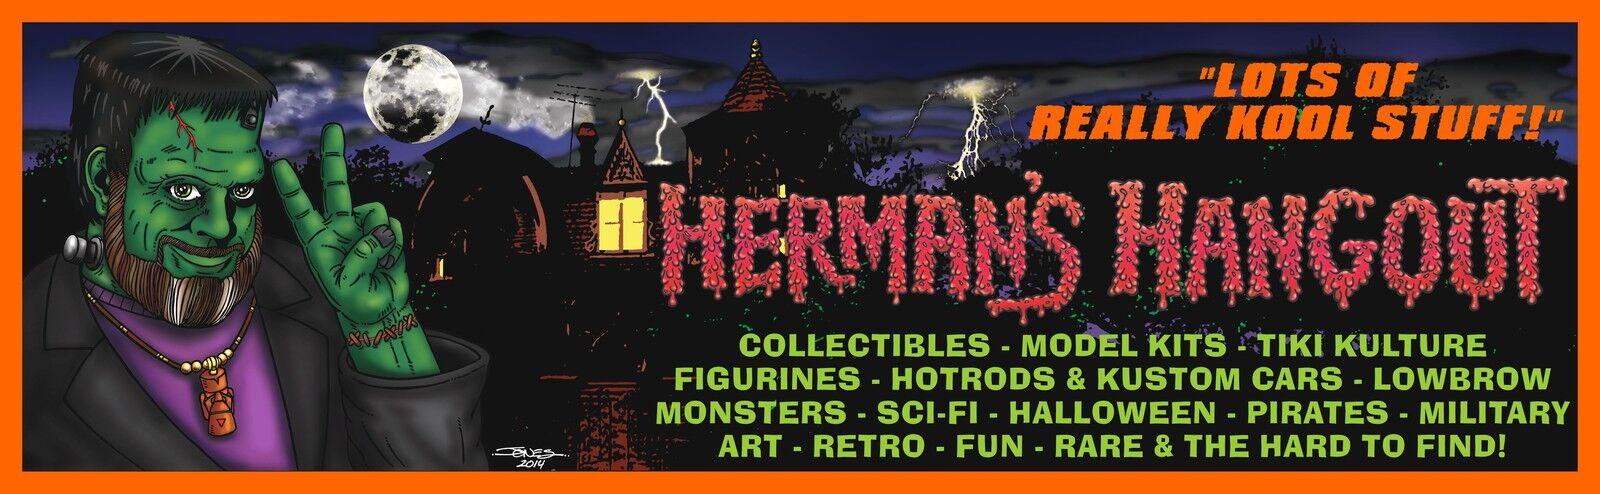 Herman's Hangout